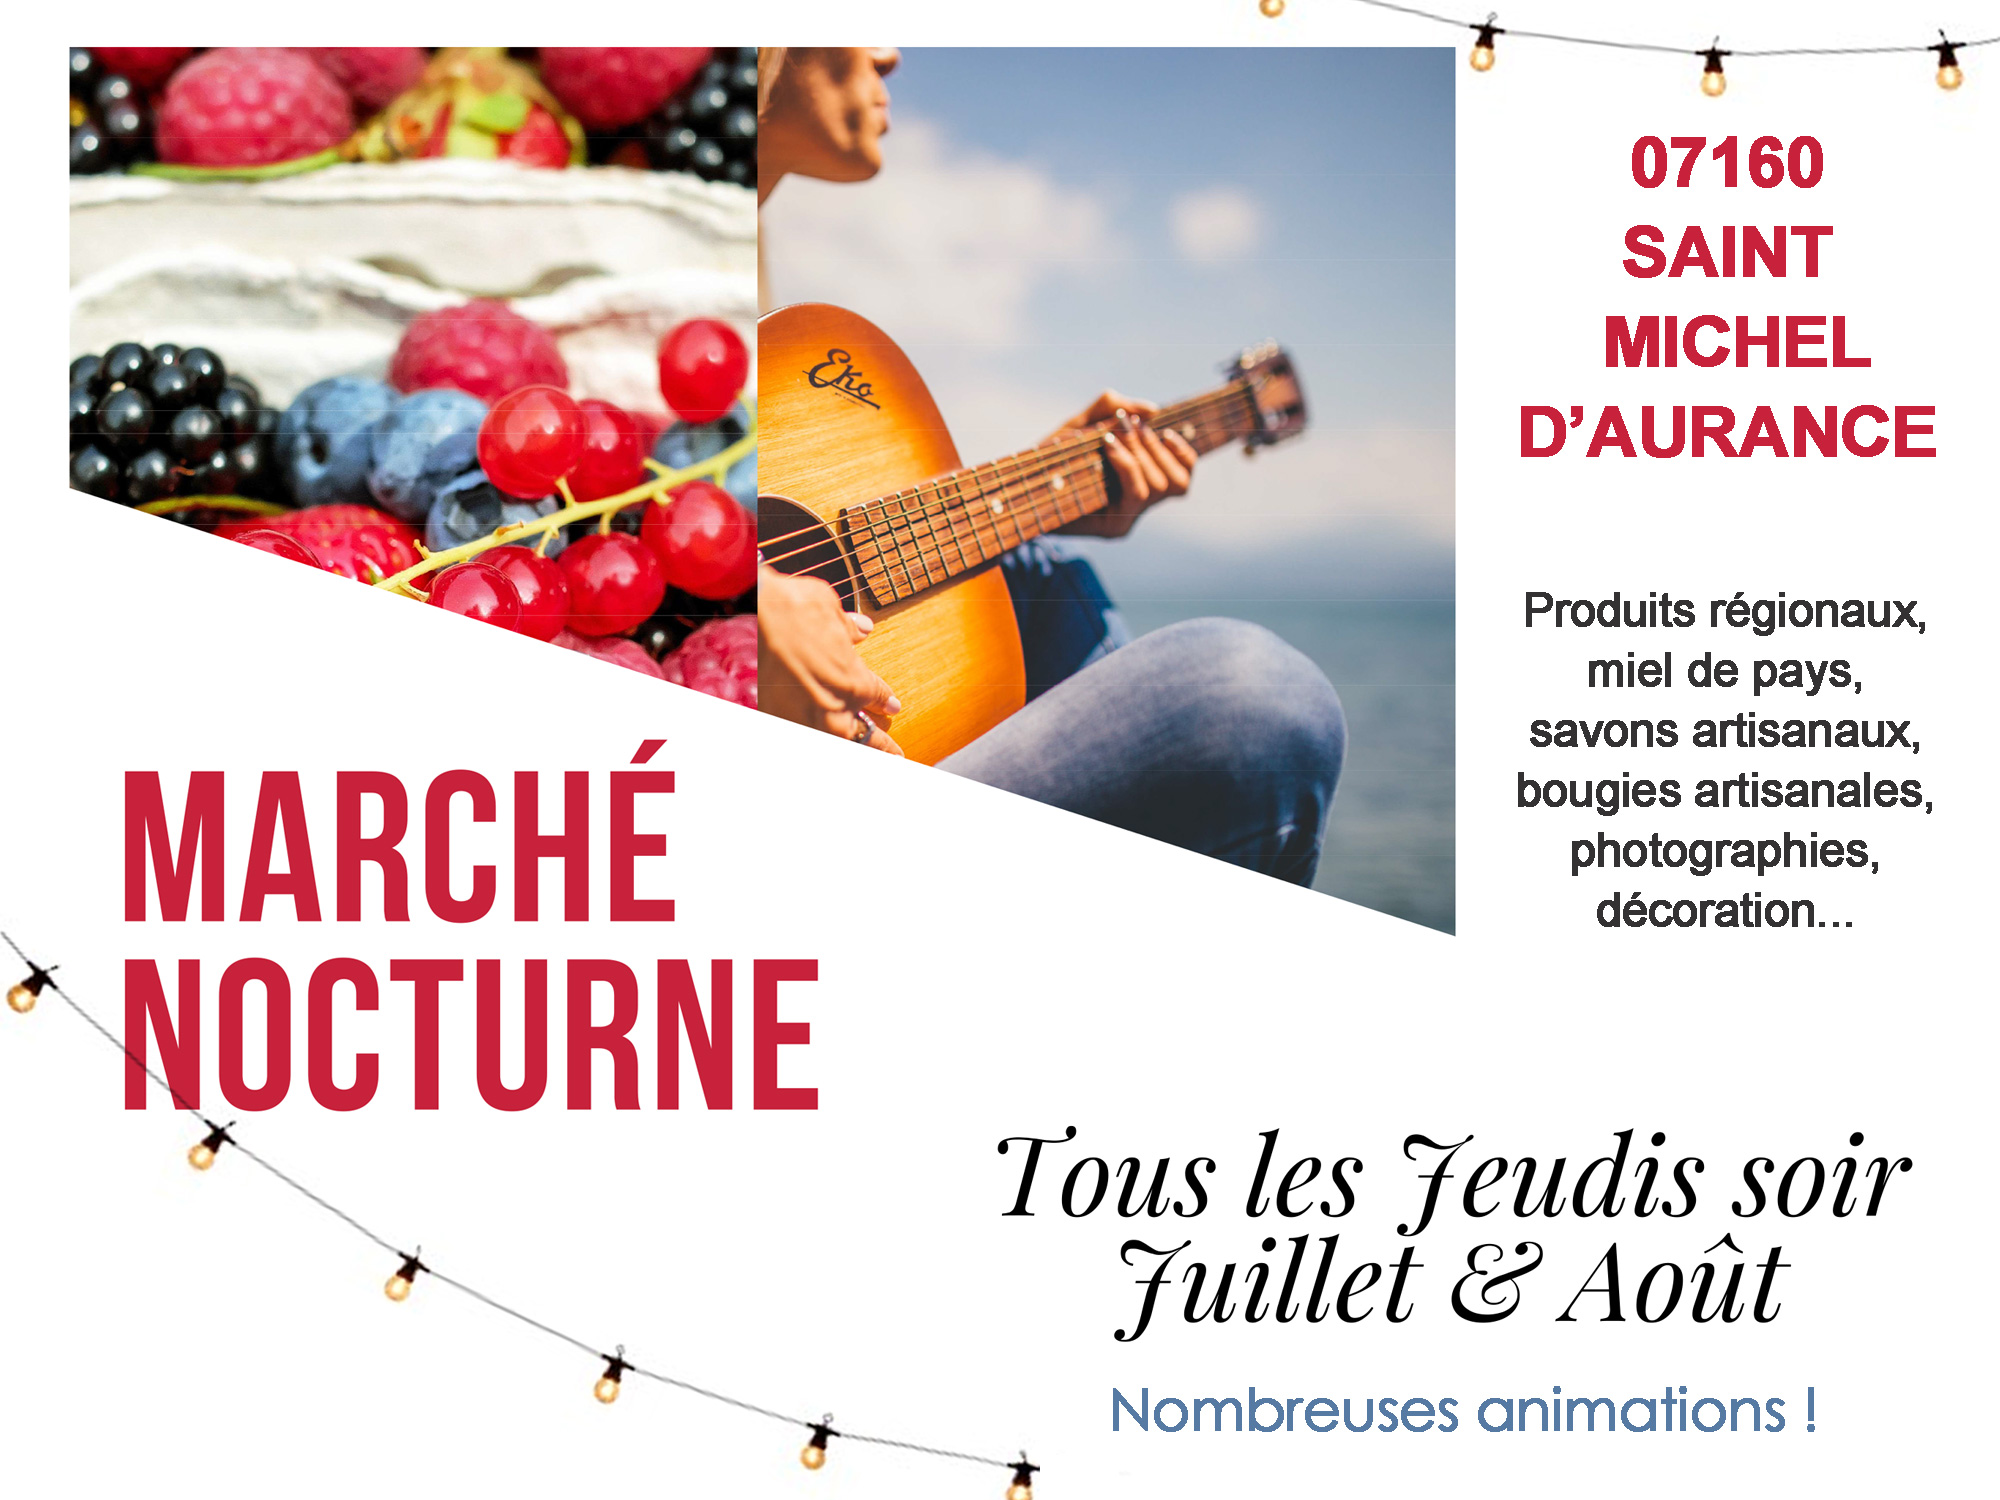 marché nocturne saint michel d'Aurance 2021